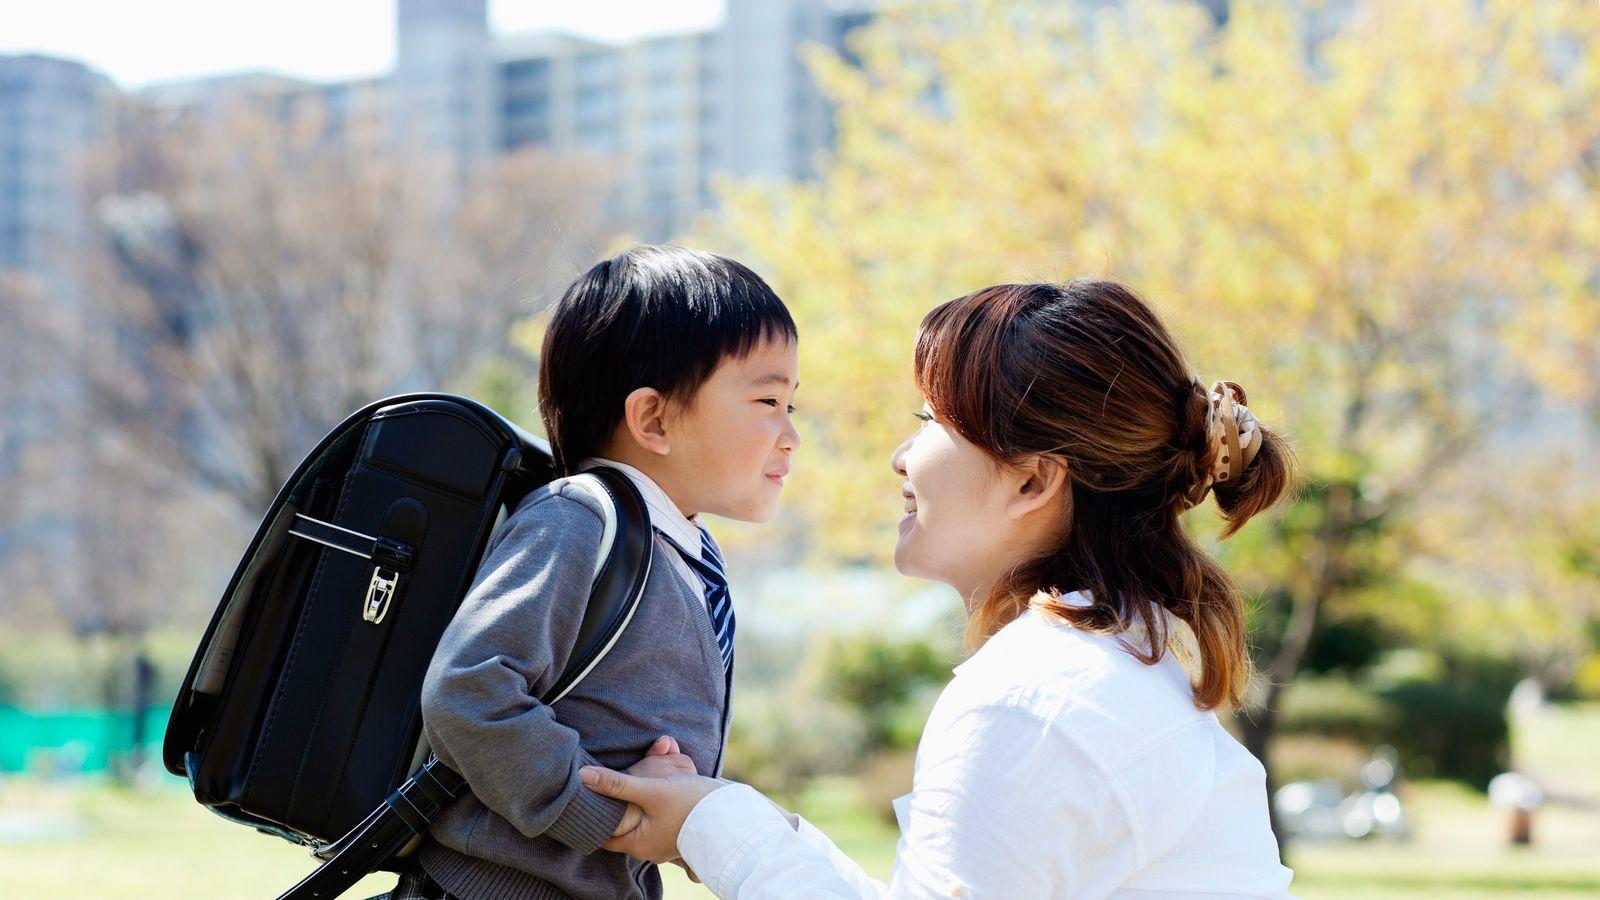 中学受験に成功しても嫉妬されない親の特徴3 自慢、謙遜ともにリスクでしかない